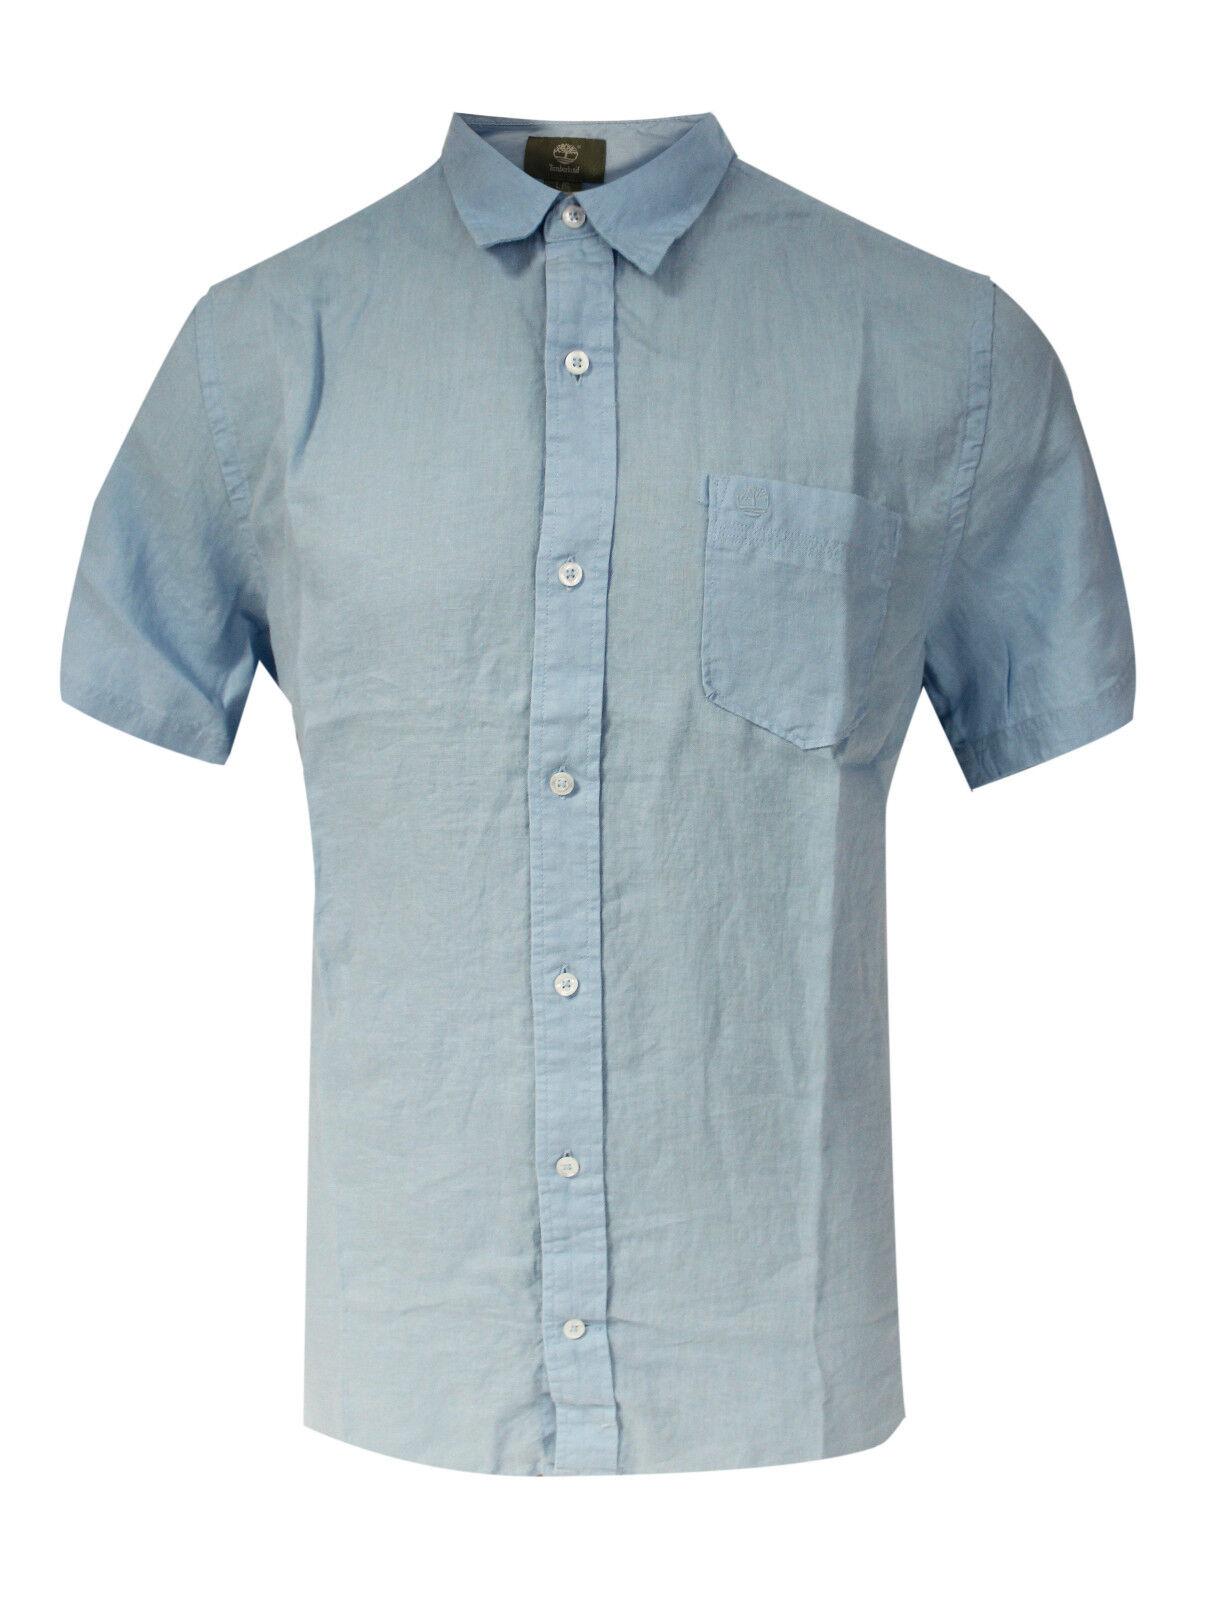 Timberland short sleeve mens light blue linen shirt summer for Mens light blue linen shirt